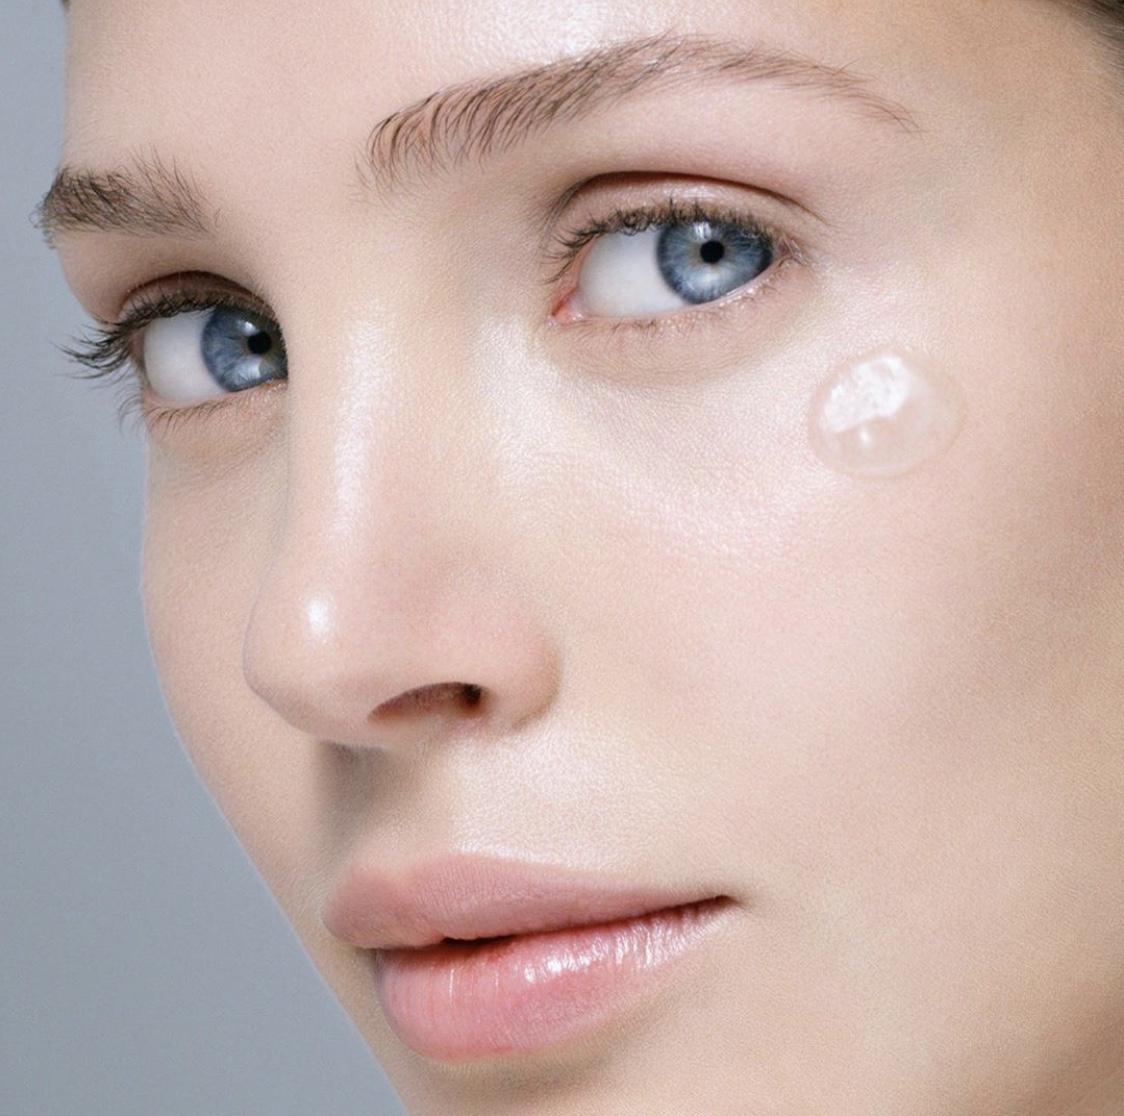 Noodzakelijke verzorgingsroutine voor een gezonde huid